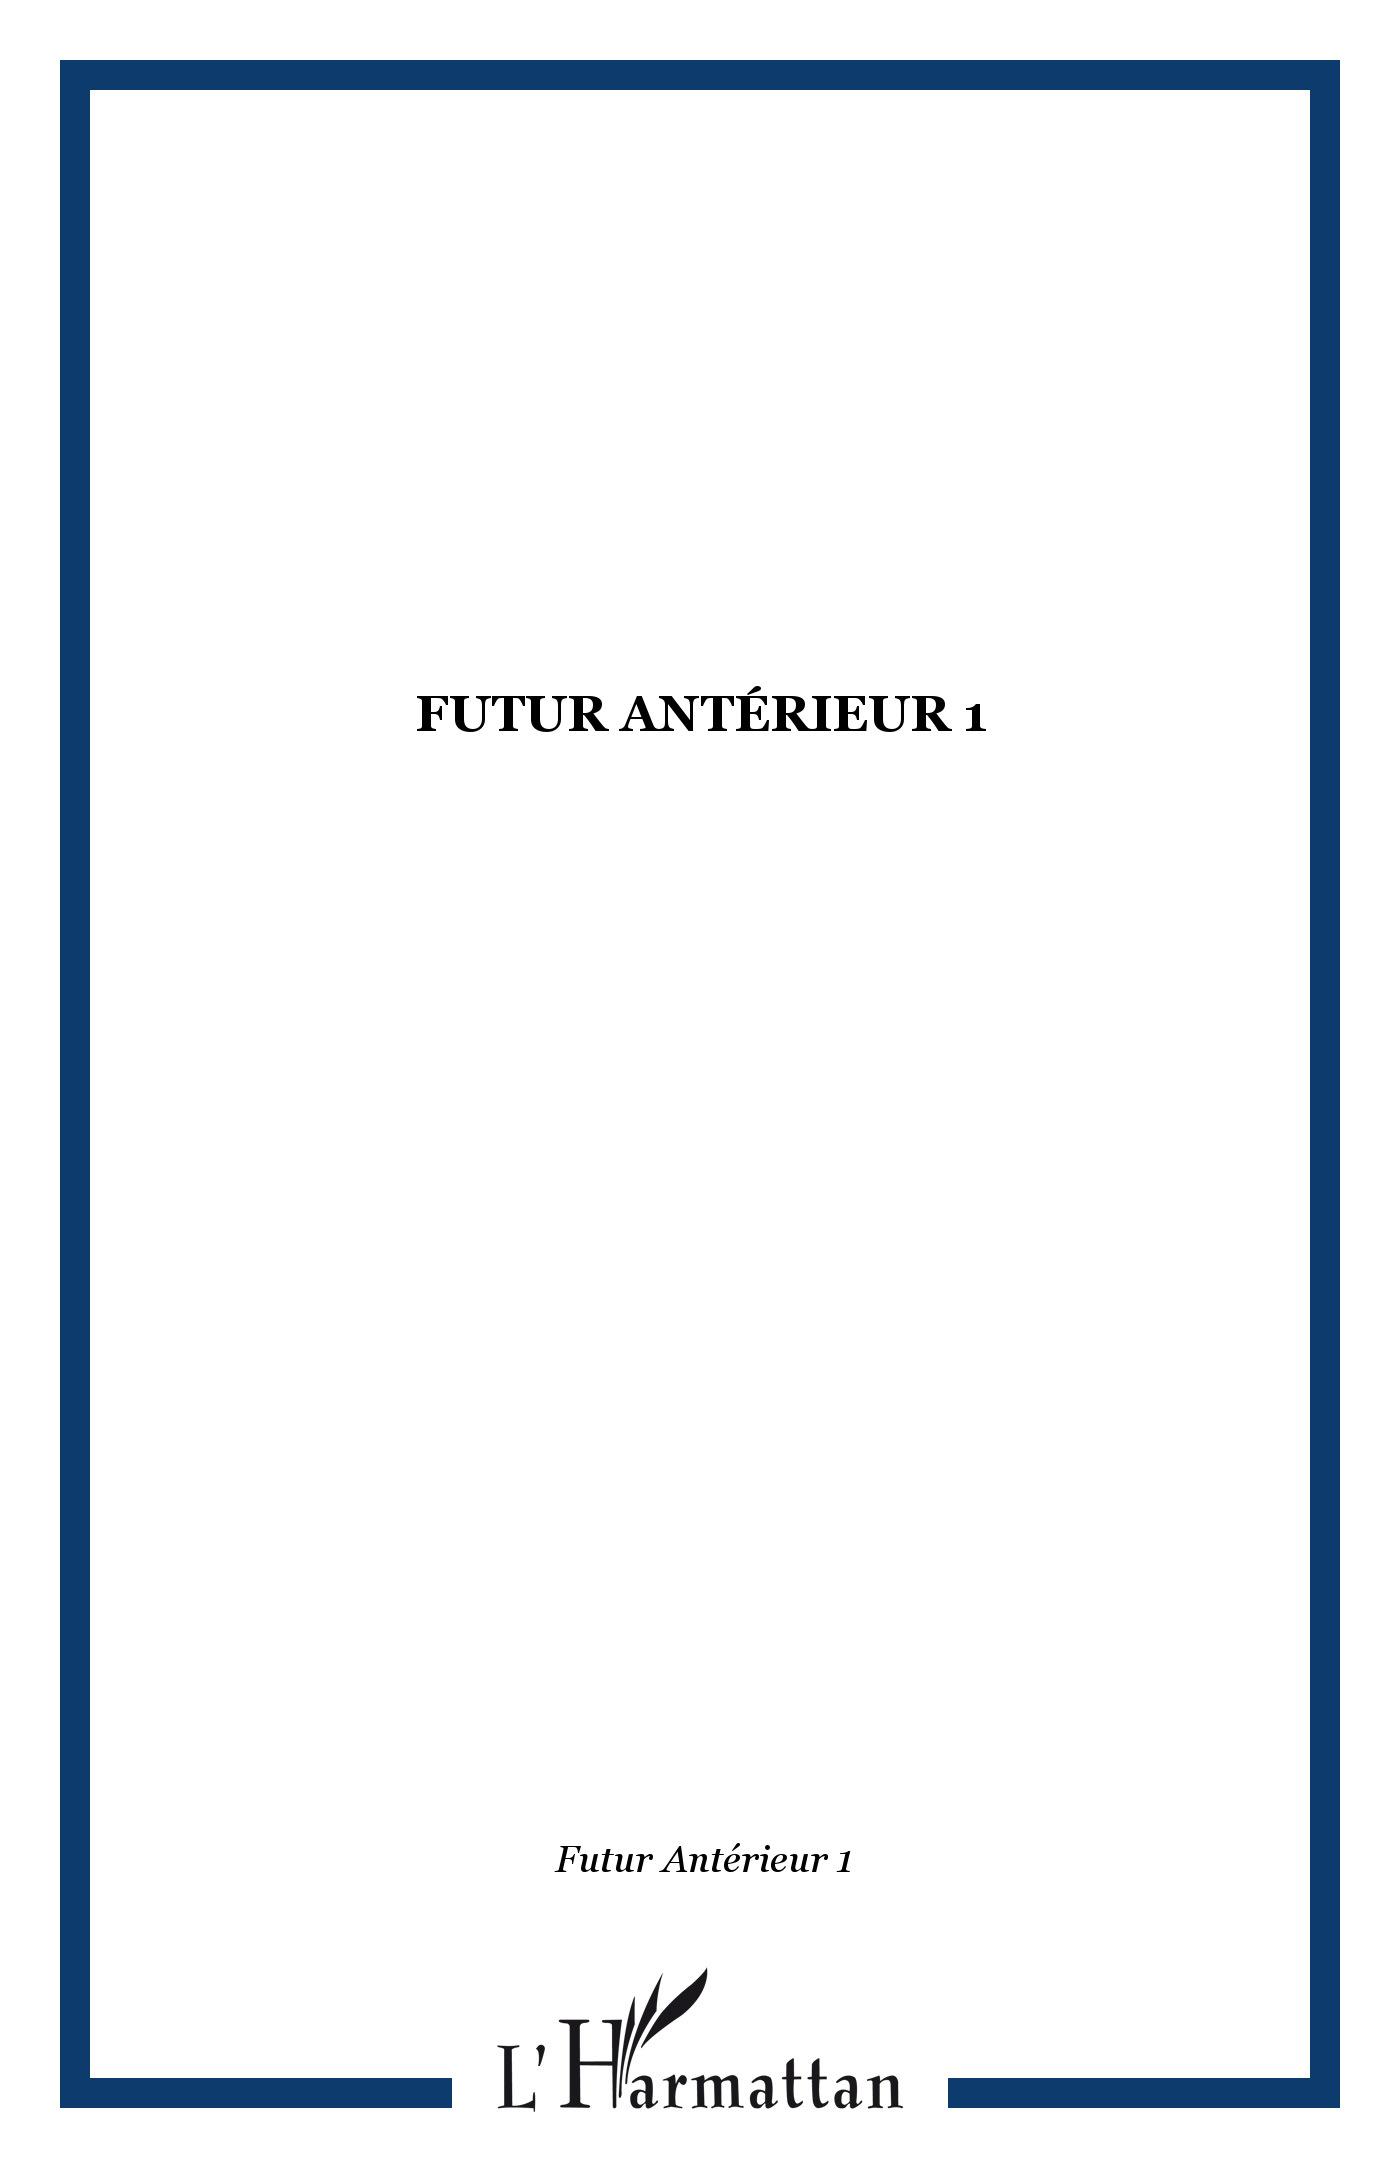 Revues FUTUR ANTÉRIEUR 1, Futur Antérieur 1